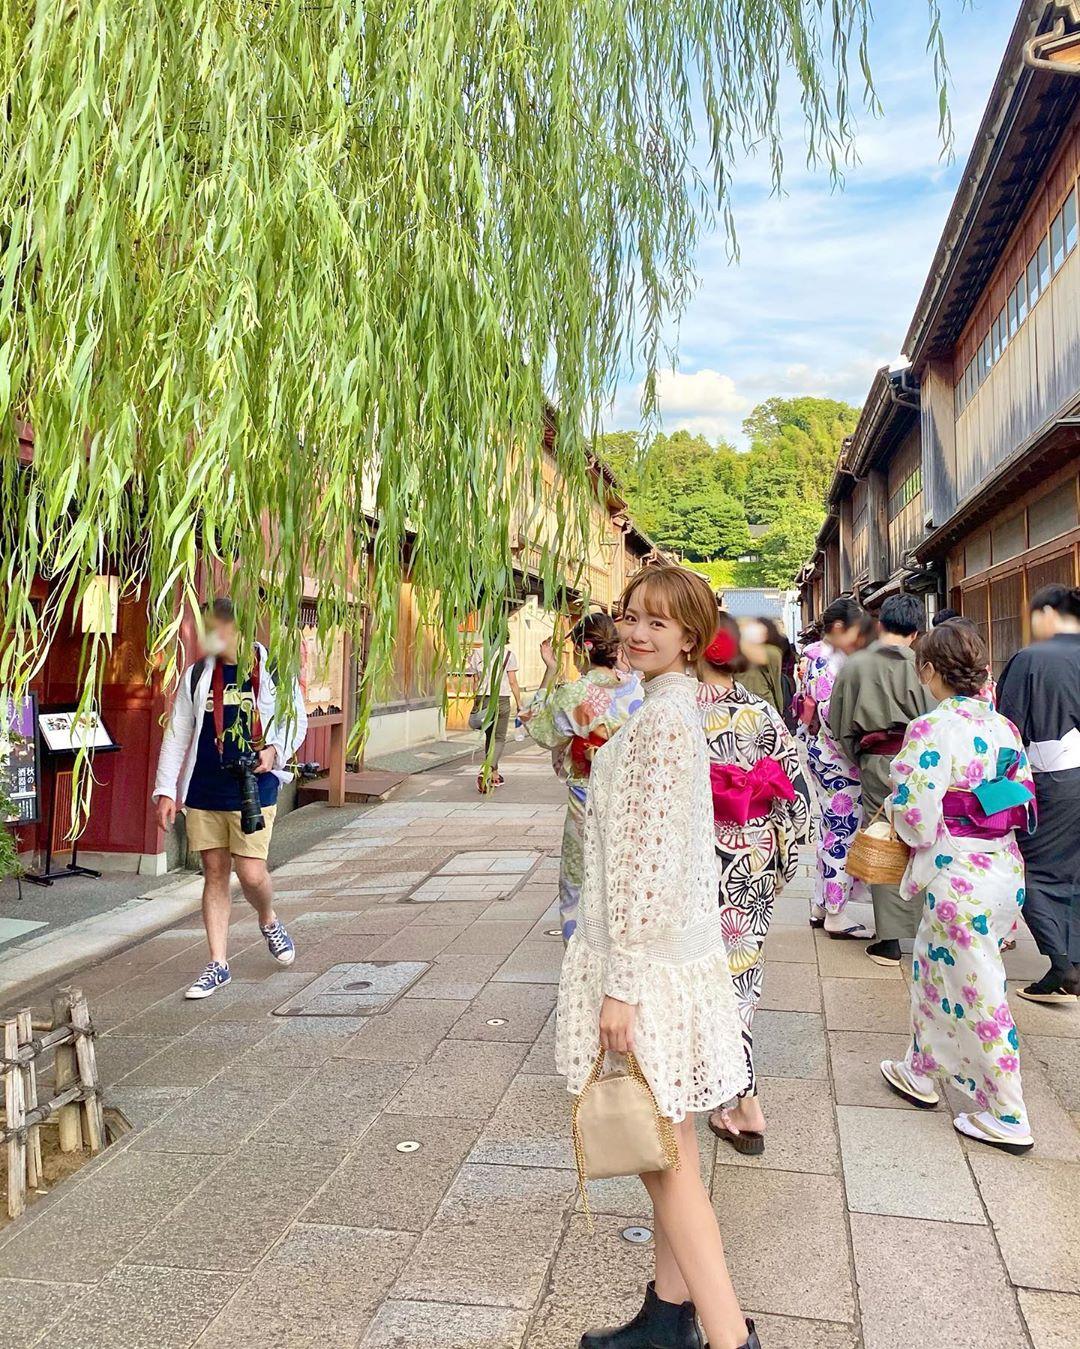 Premiumインフルエンサーズのインスタ拝見! 旅行が大好きな黒田真友香さんは、初めて訪れた石川県・金沢旅行の思い出をシェア♡_1